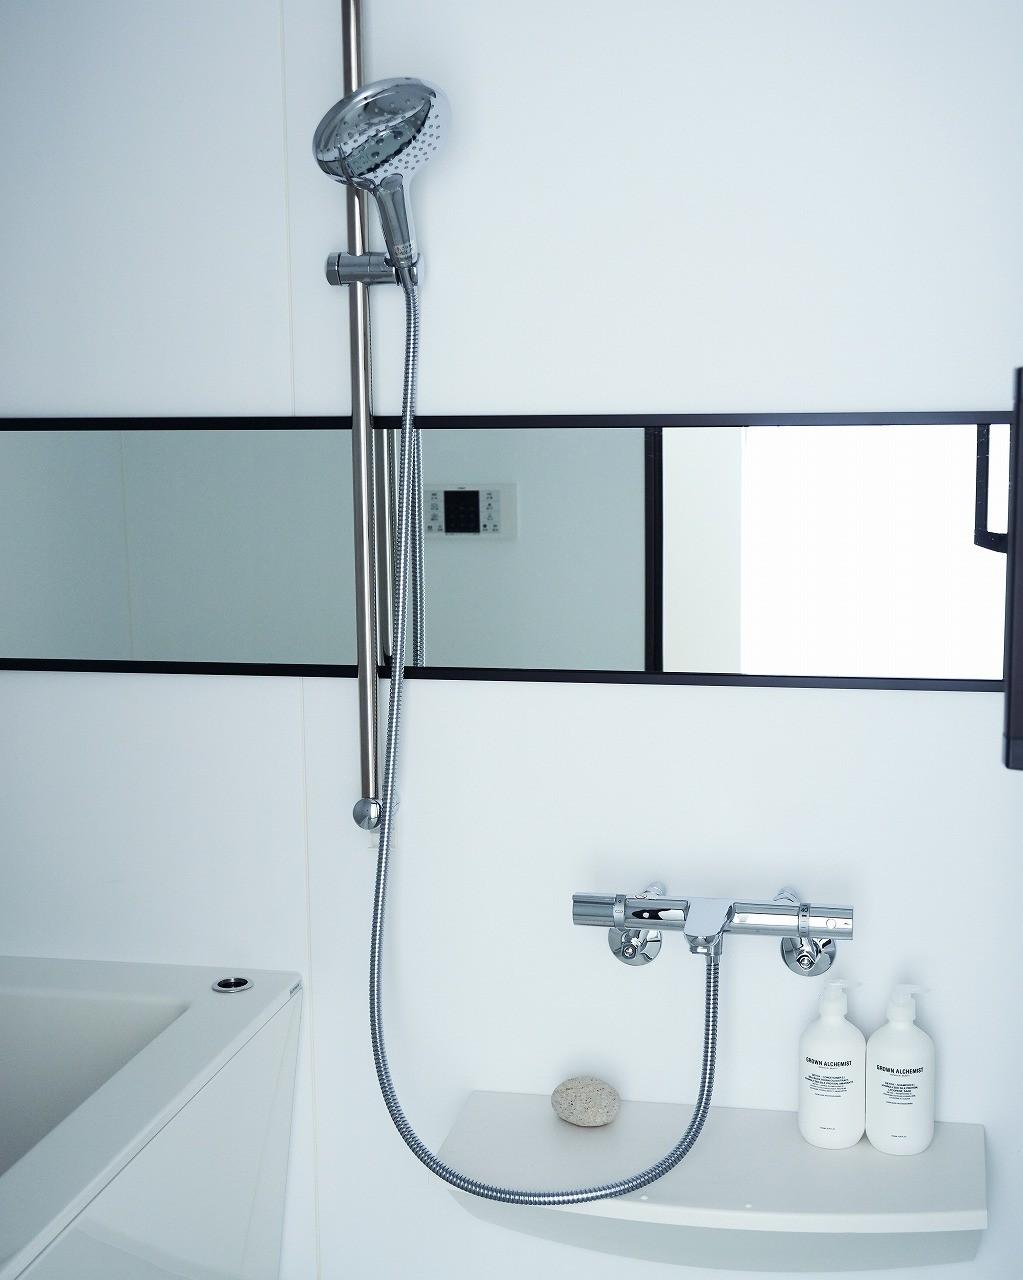 バス/トイレ事例:美しいカーブと全身を包み込むような入浴感が特長のクレイドル浴槽を採用しました。(RE : Apartment UNITED ARROWS LTD. MASTER PLAN A ~店舗の技術を取り入れた見せる収納~)